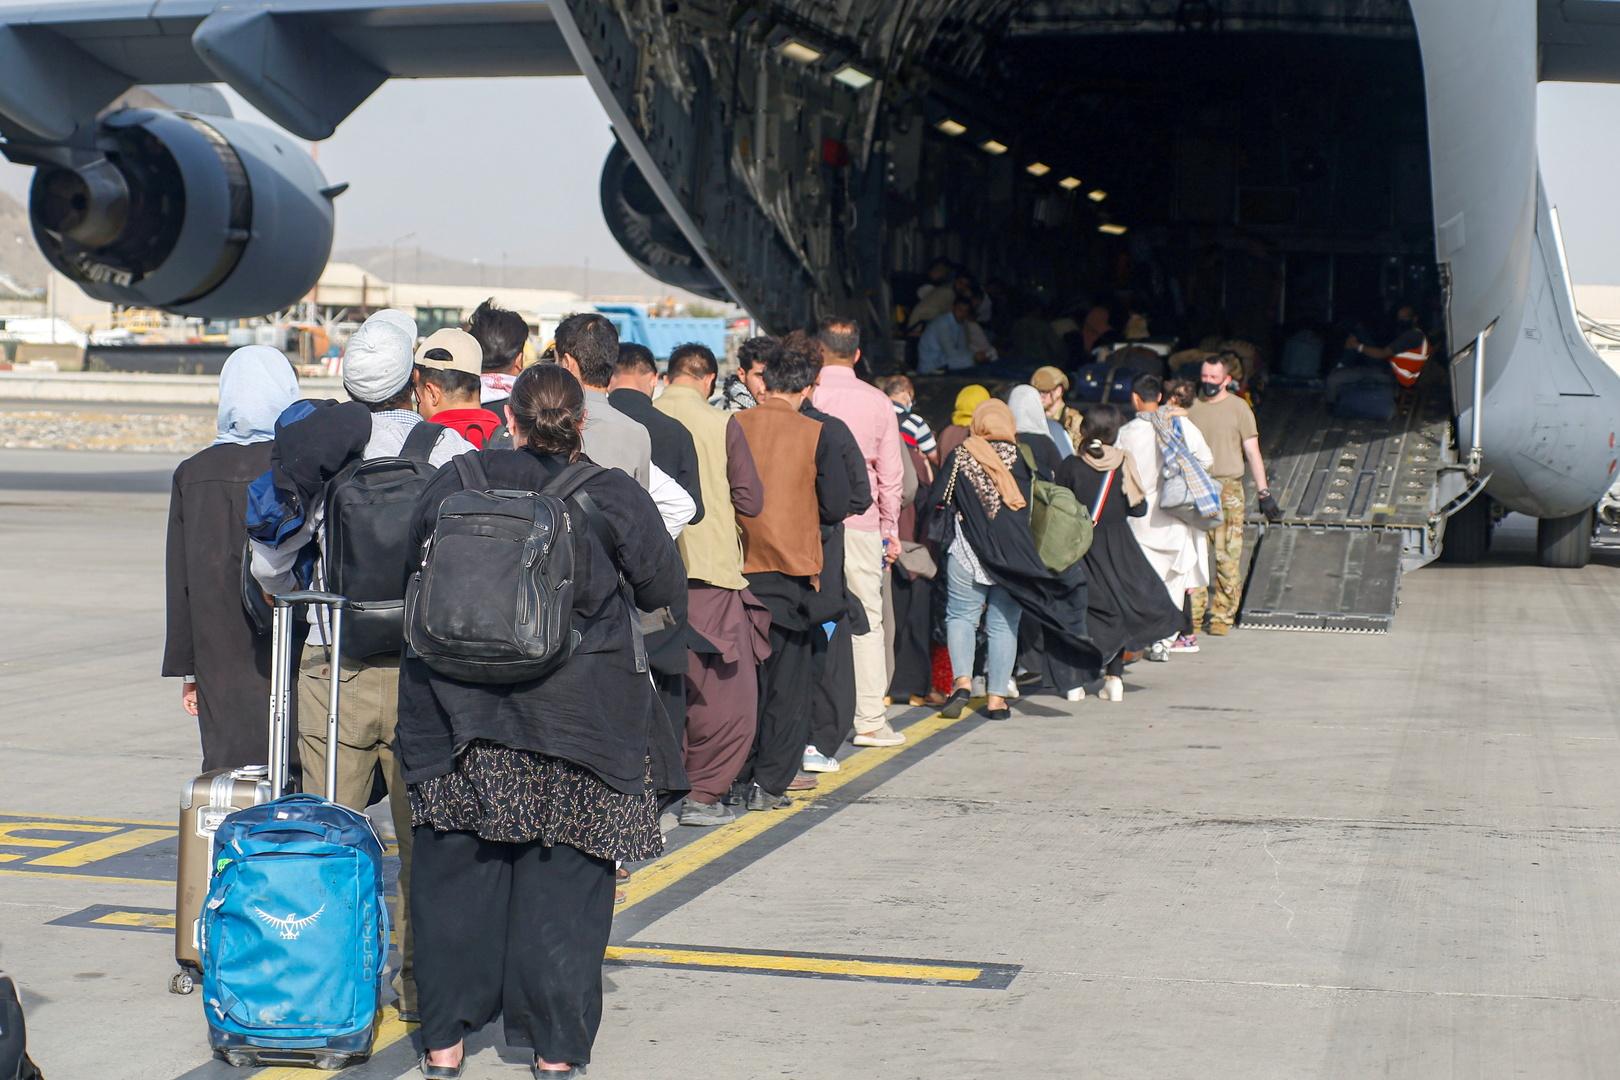 Rapport: Næsten 100 evakuerede fra Afghanistan under overvågning for mulige forbindelser til terrorisme